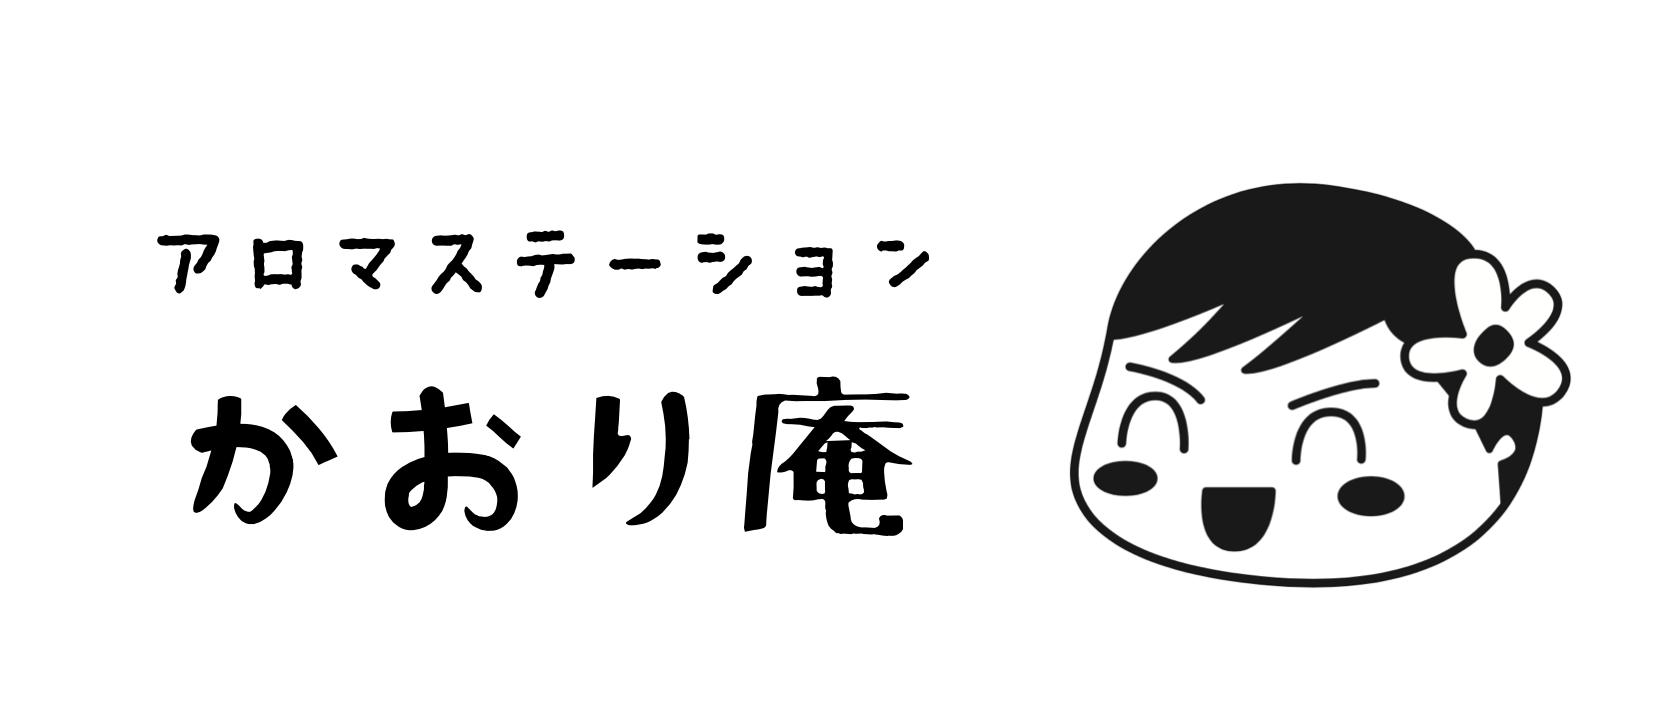 アロマステーション「かおり庵」